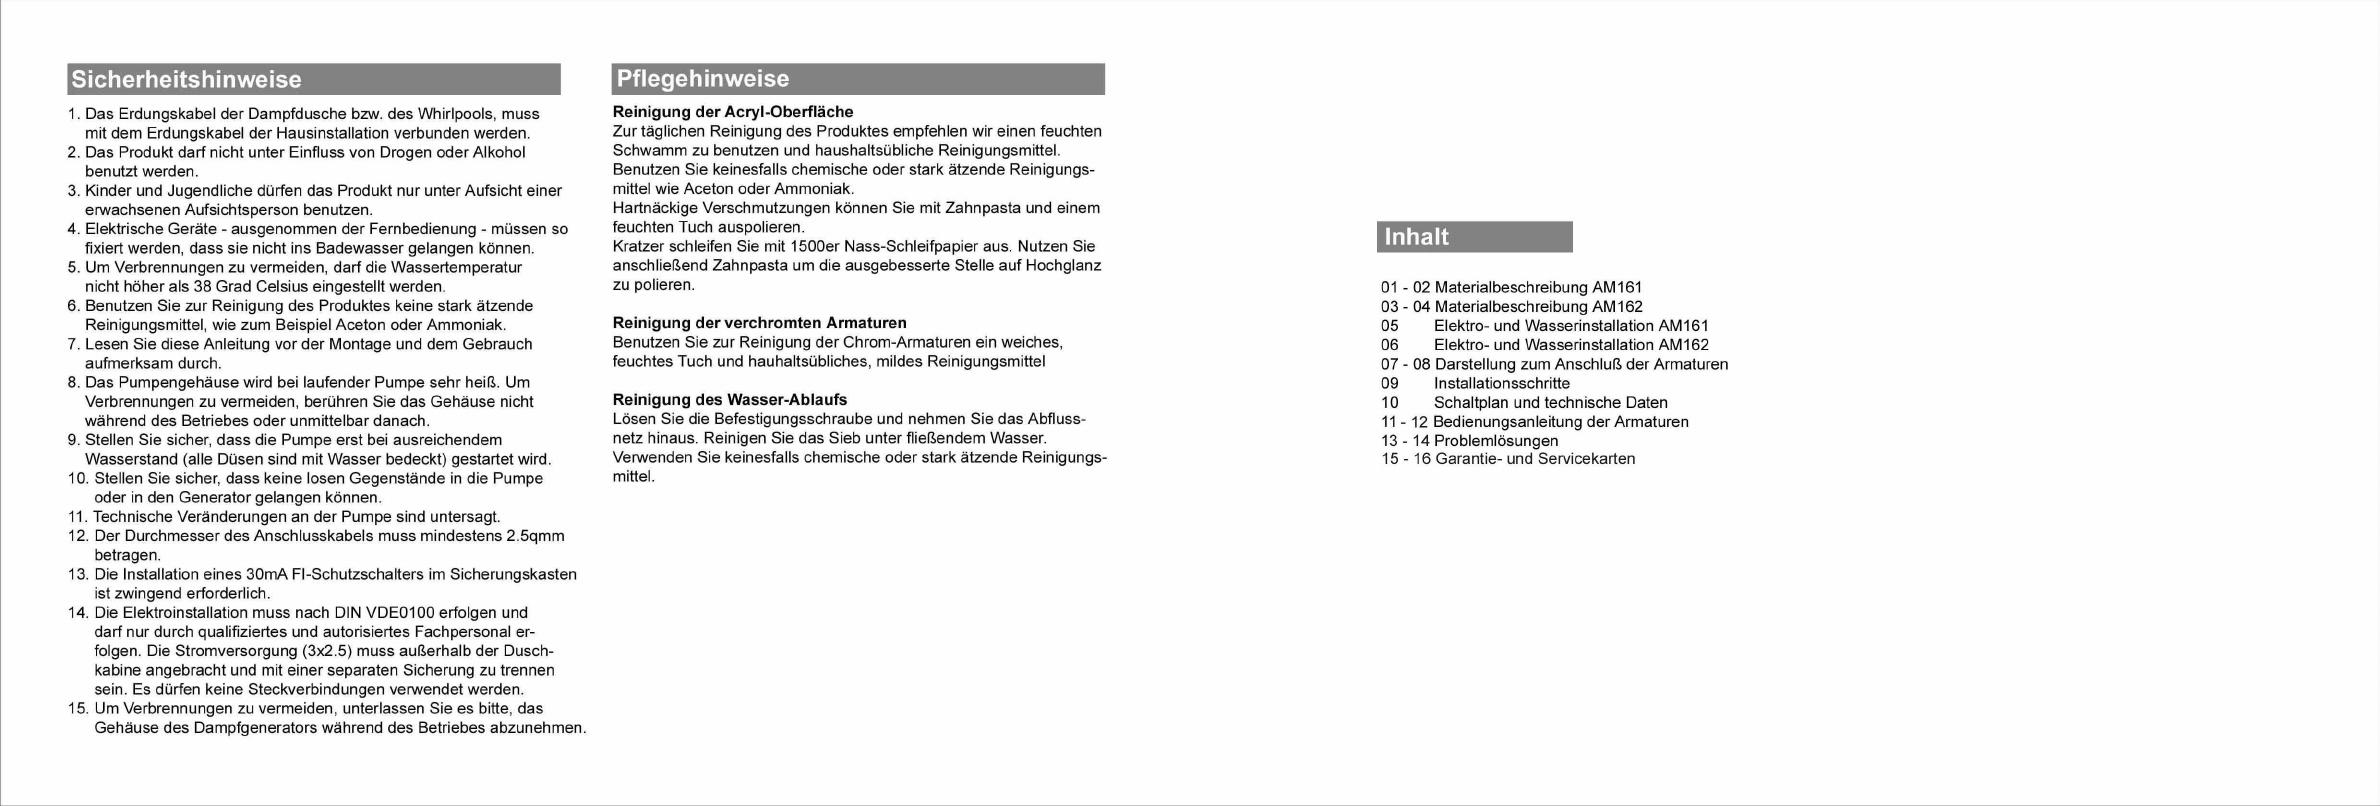 Großzügig Schaltplan Für Den Whirlpooltrockner Zeitgenössisch - Die ...